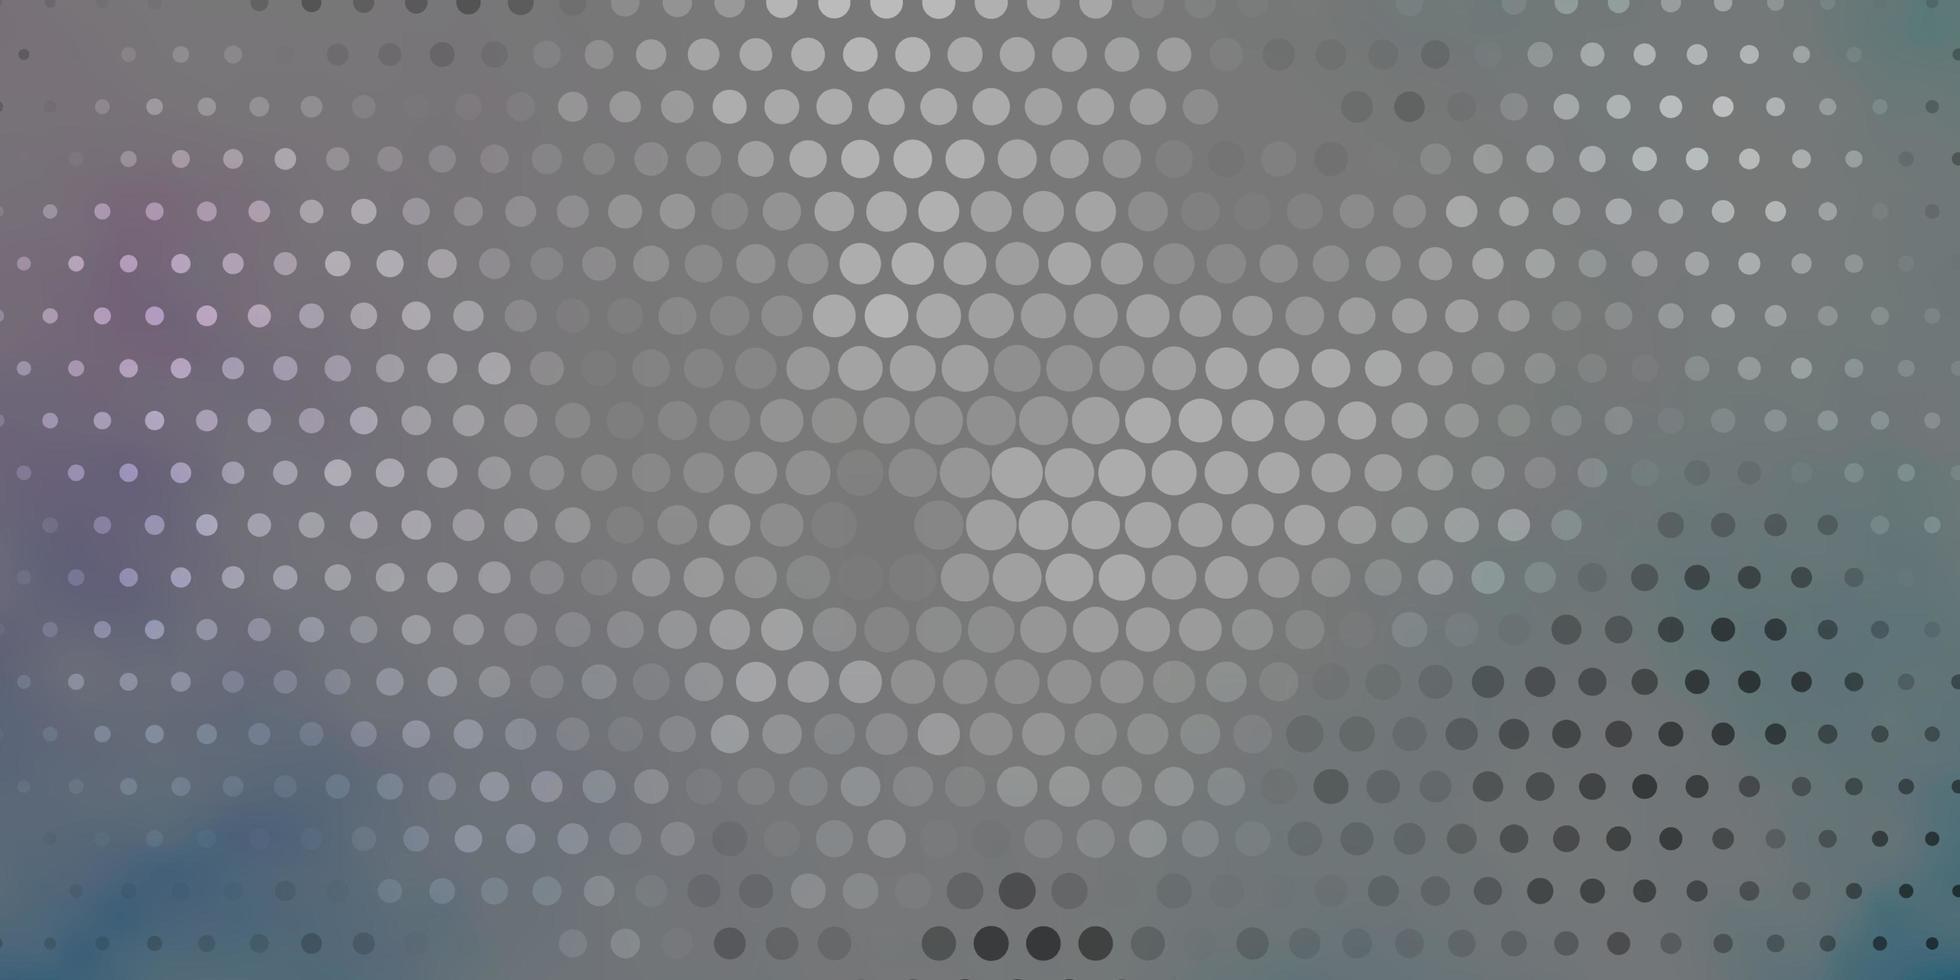 grijs, roze en blauw patroon met cirkels. vector